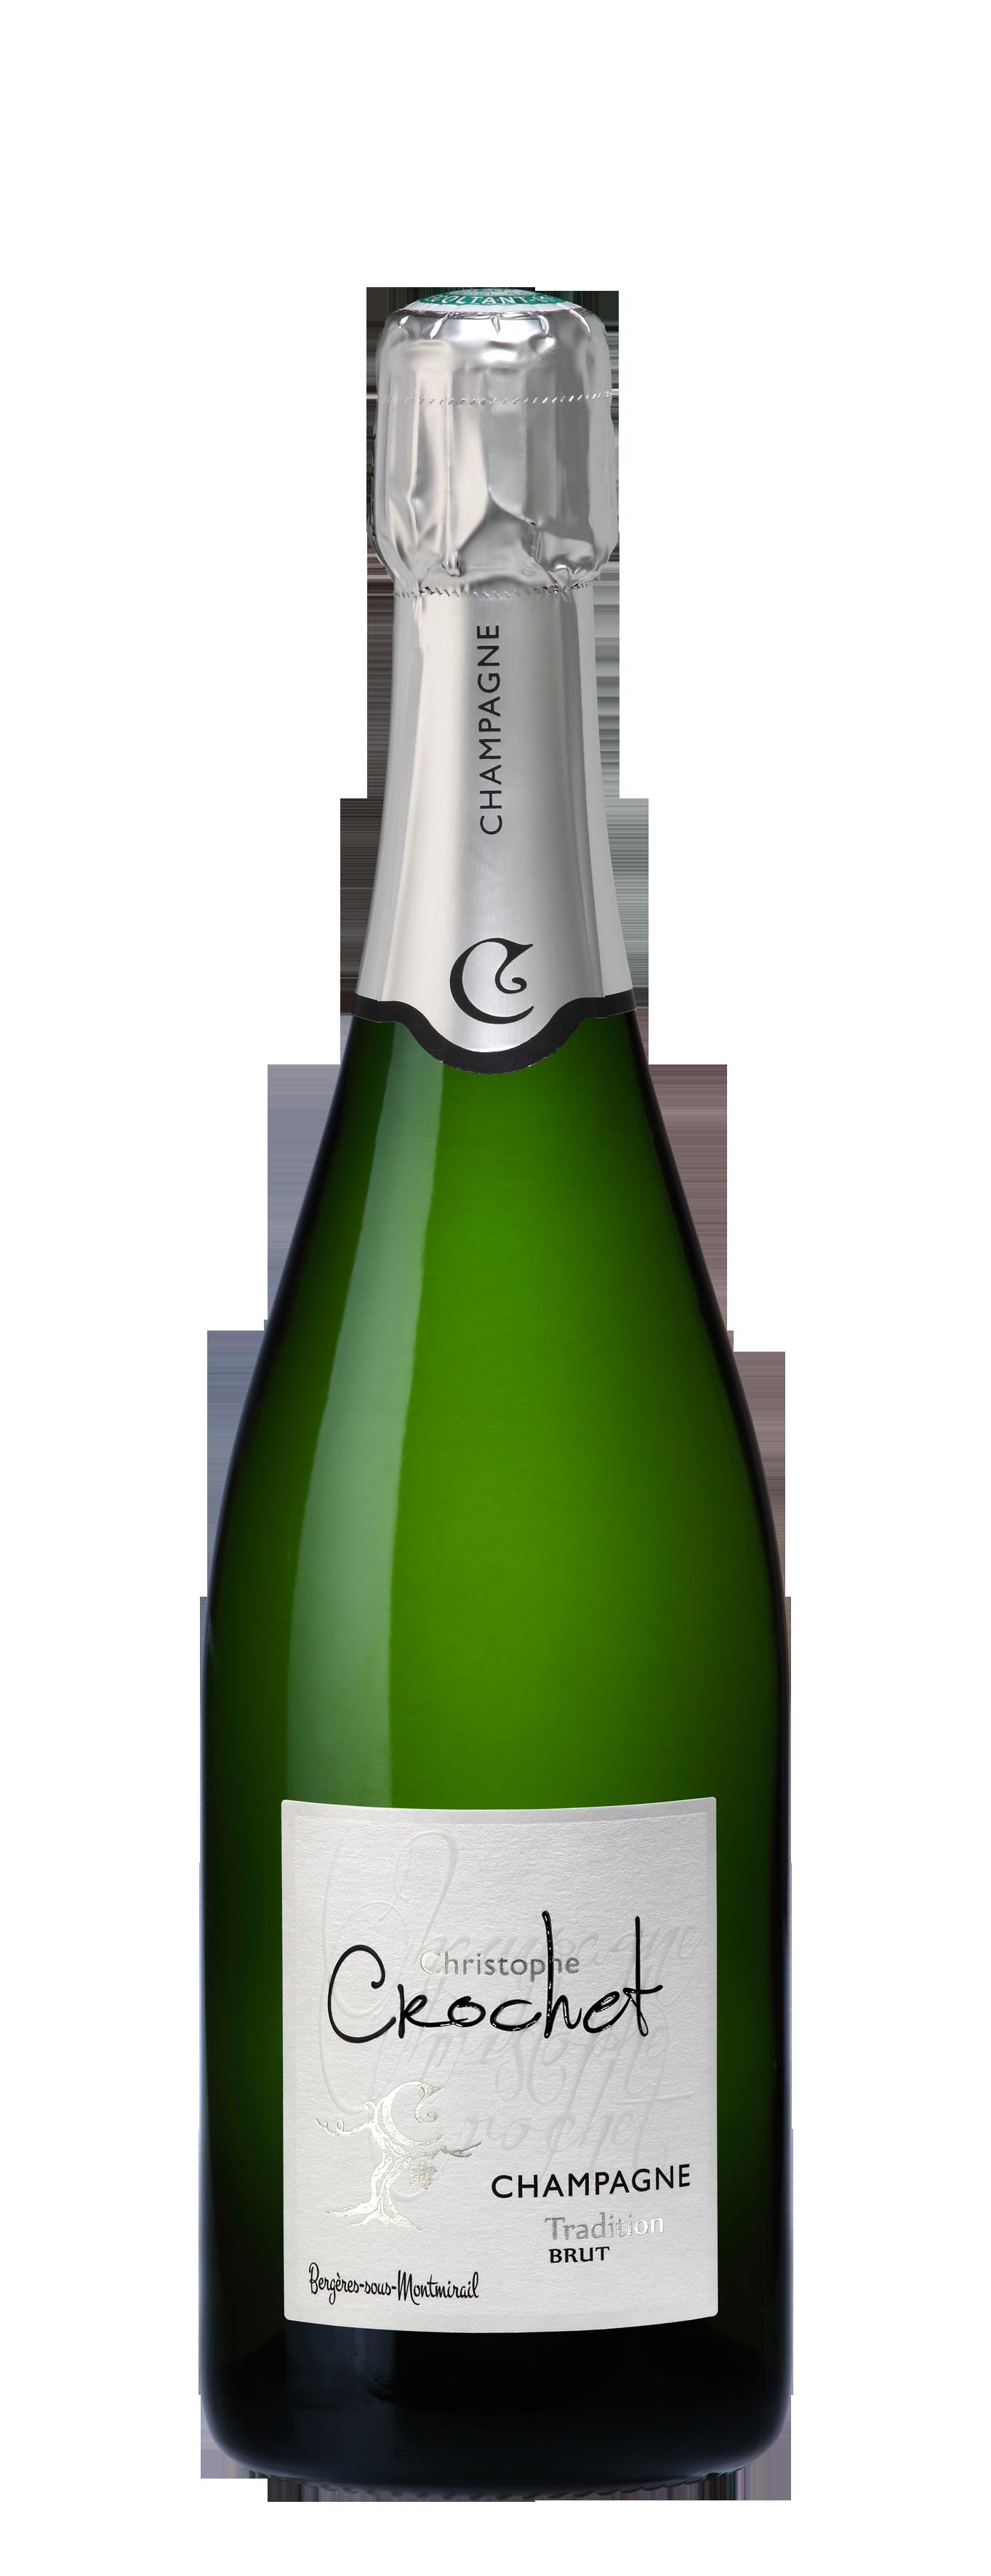 Brut Tradition Champagner Christophe Crochet